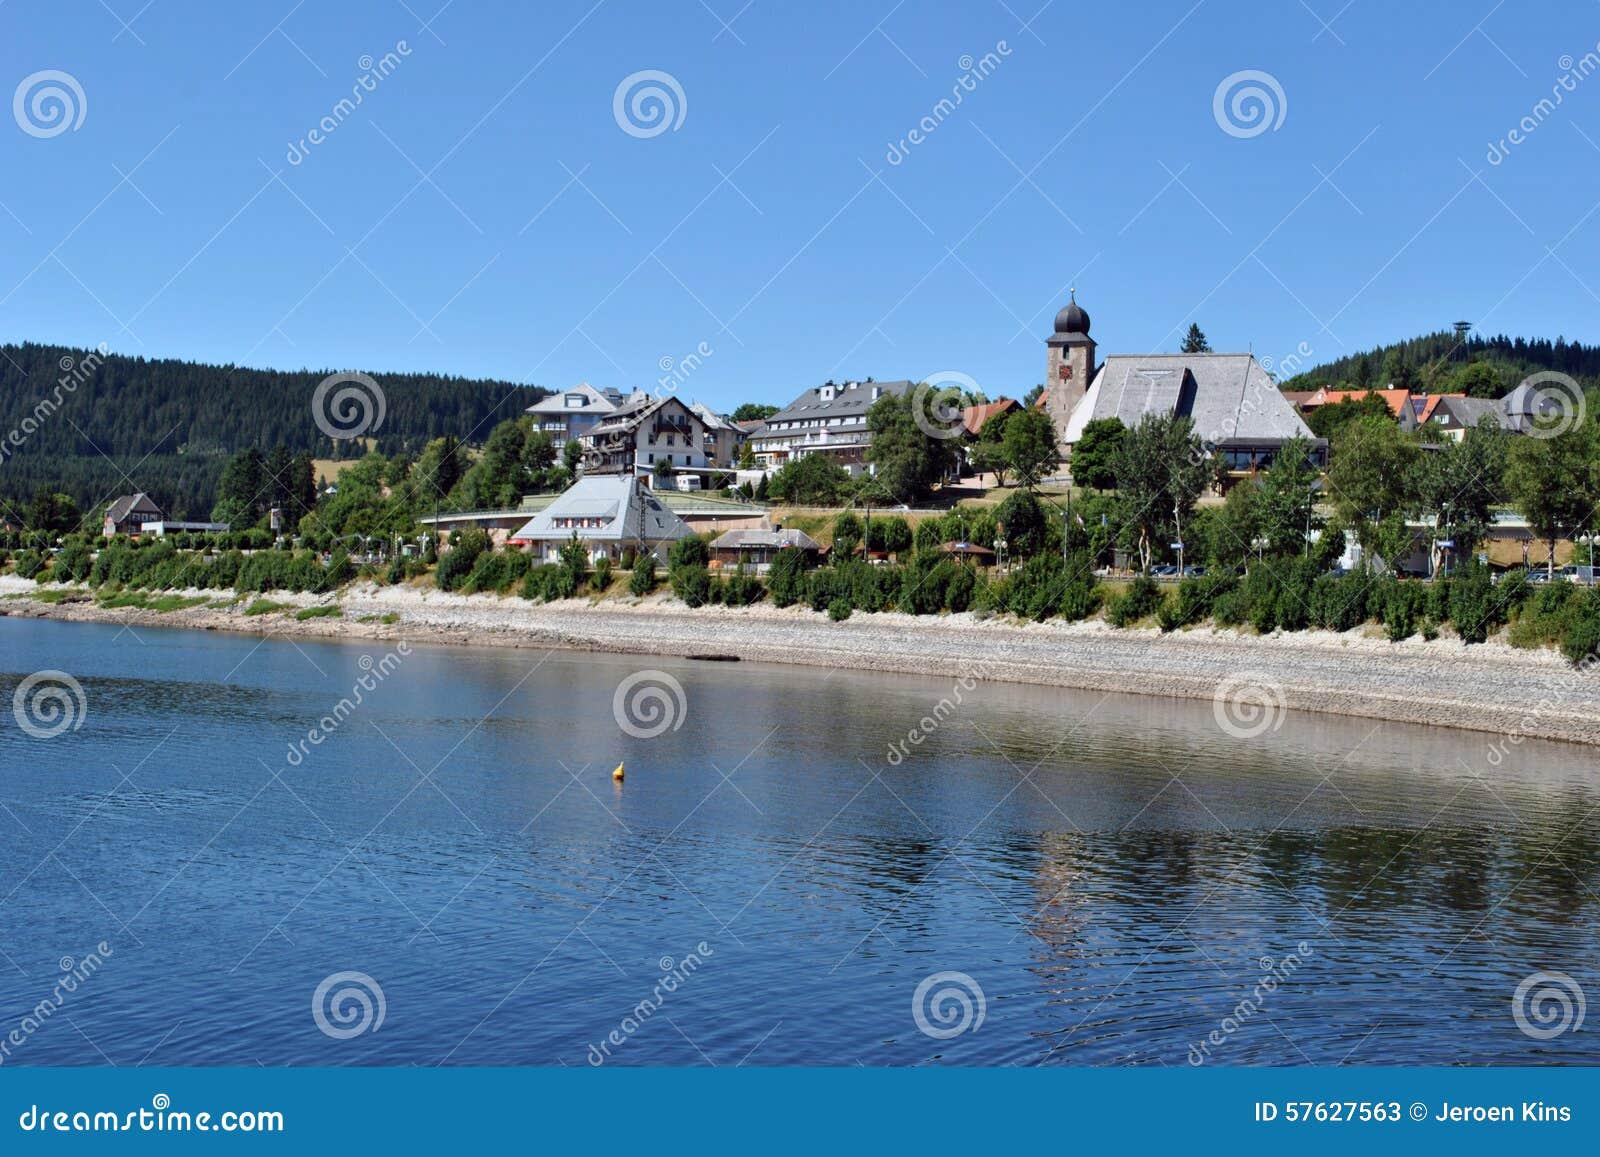 Schluchsee et lac for t noire image stock image 57627563 - Piscine foret noire le havre ...